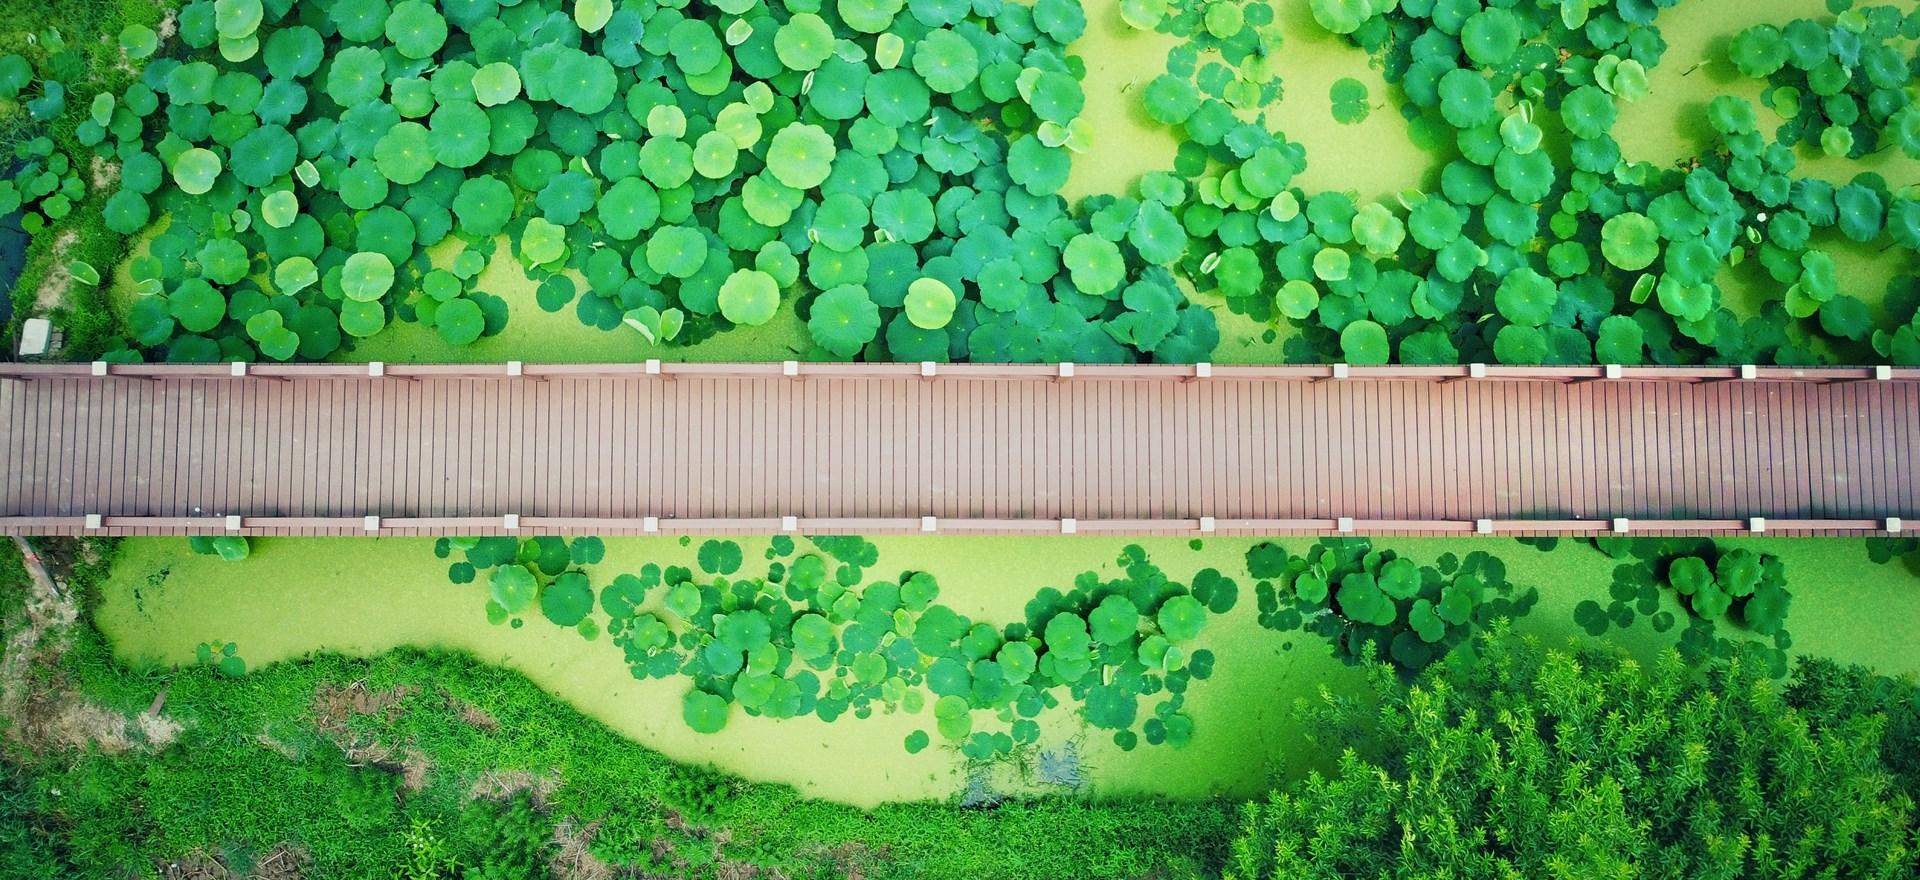 绿色环保,生态木代替原材料